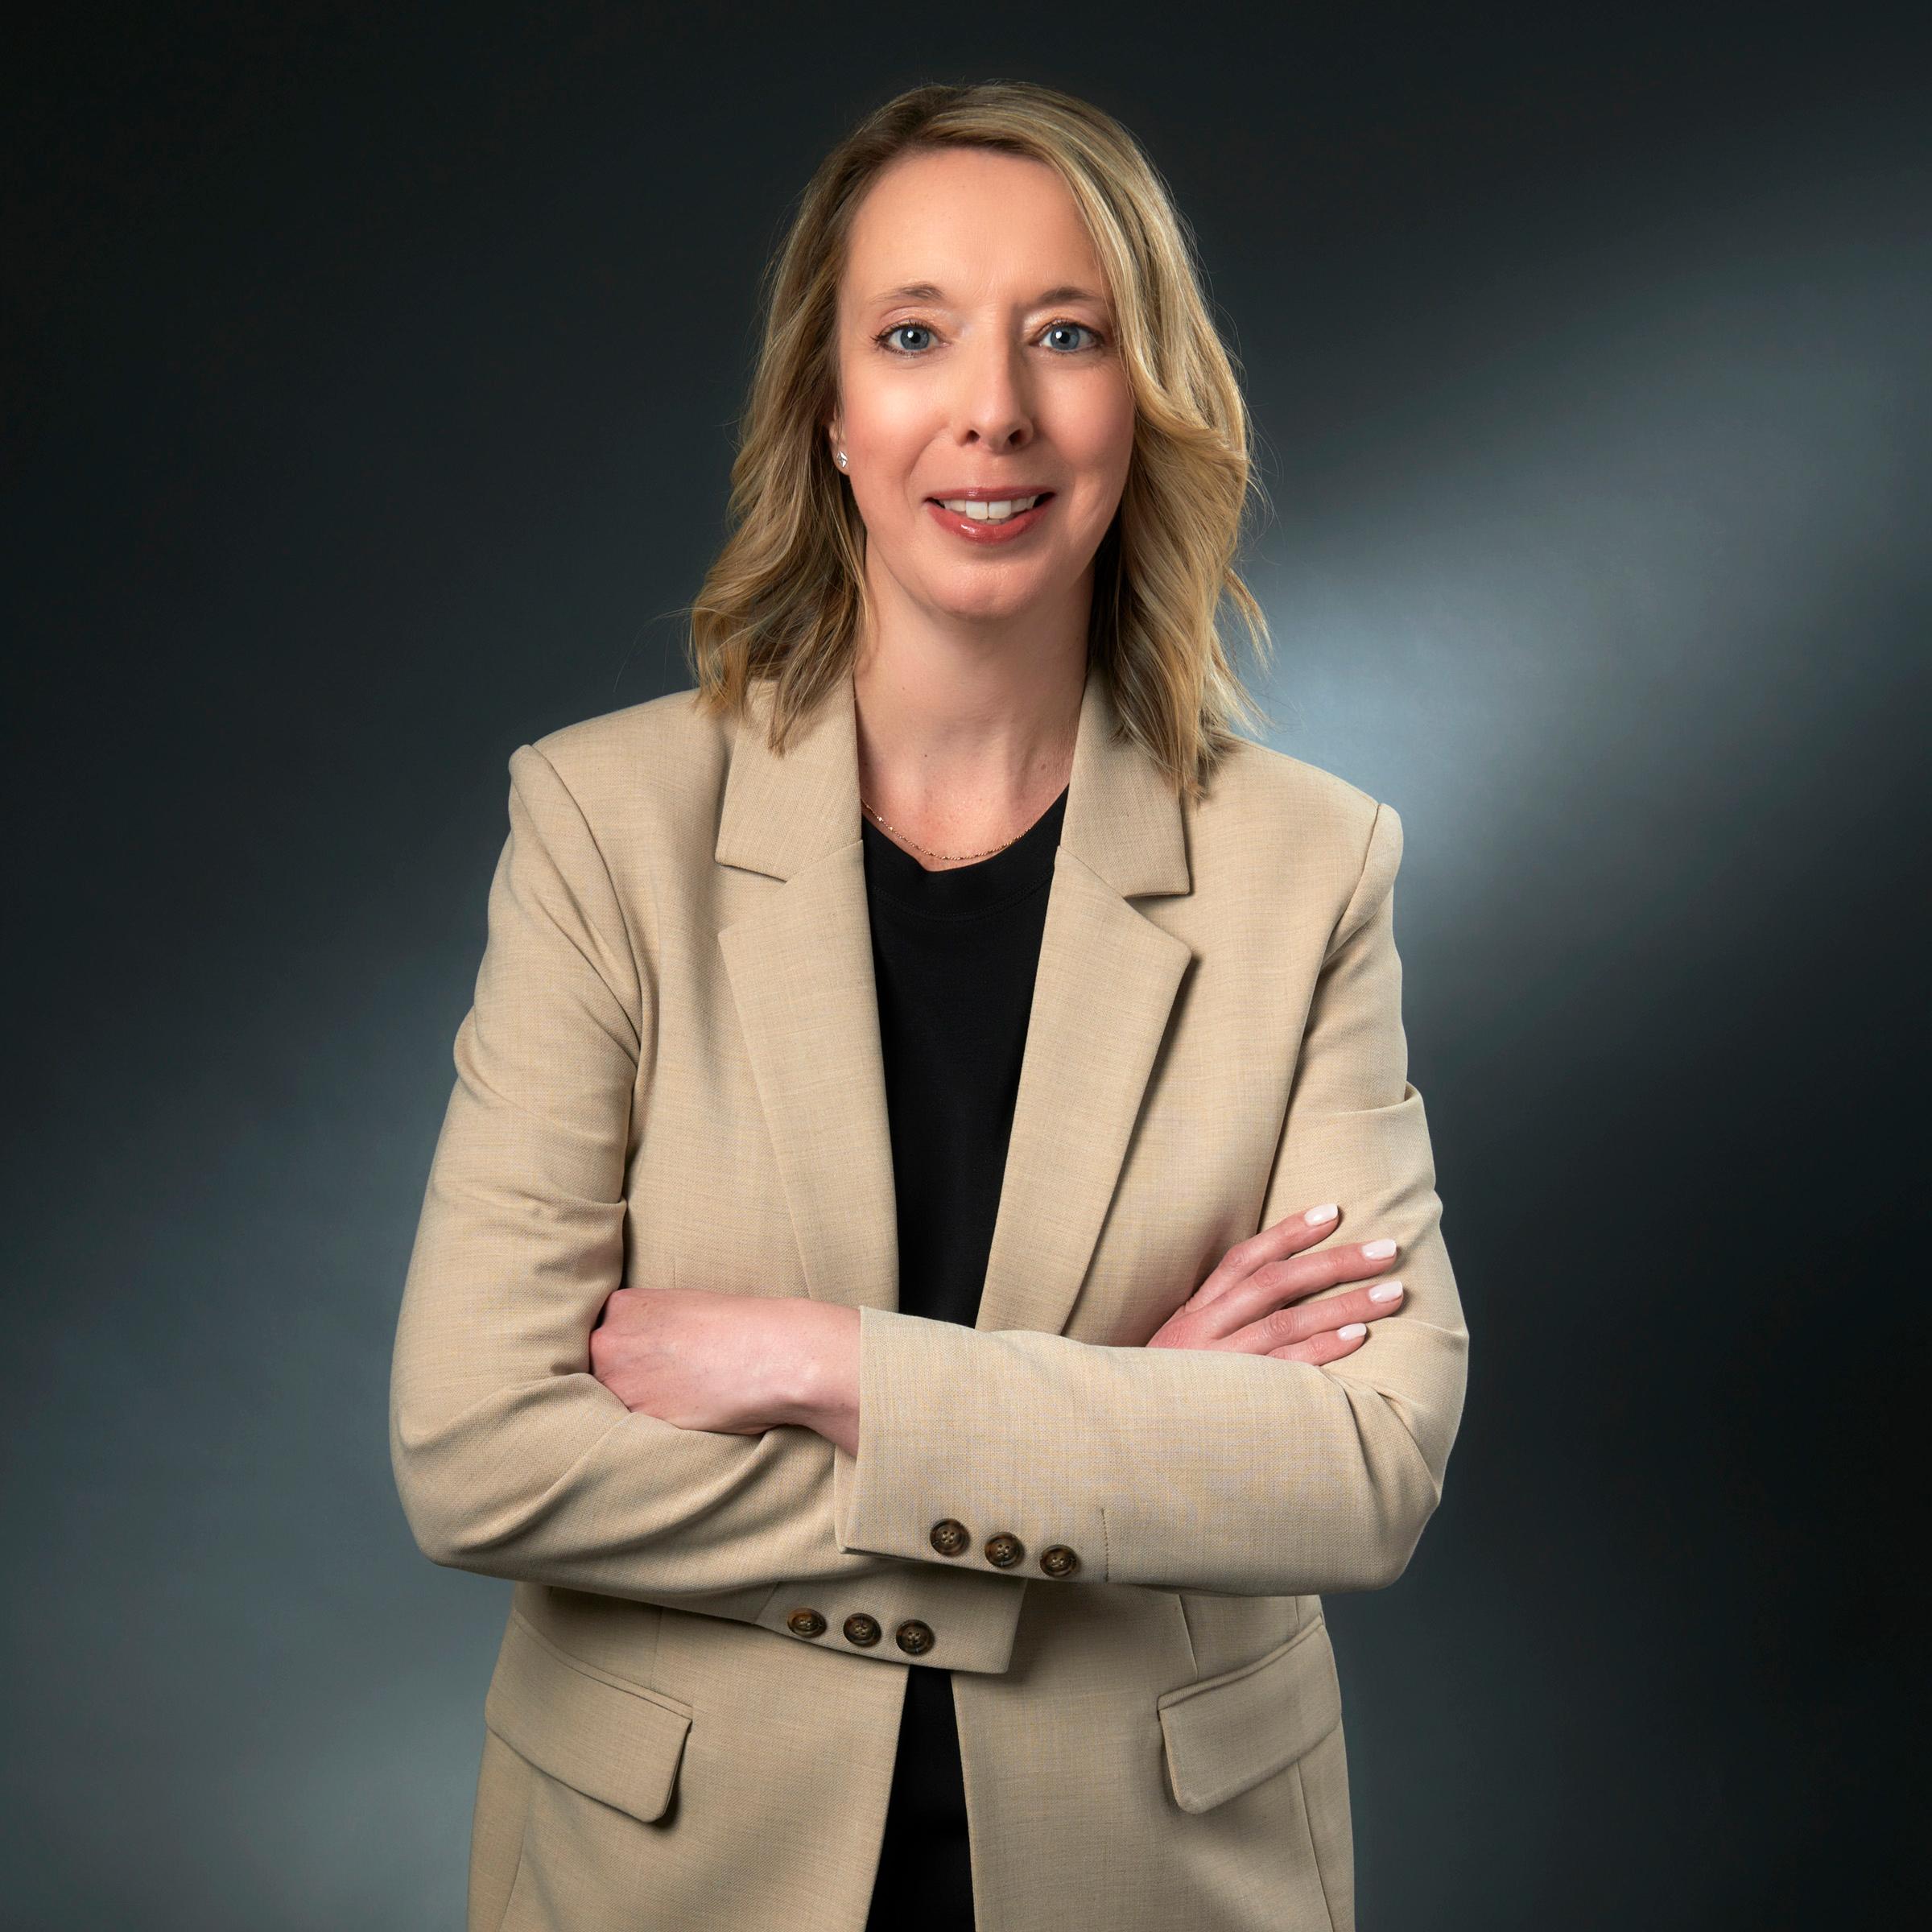 Julie Casaubon